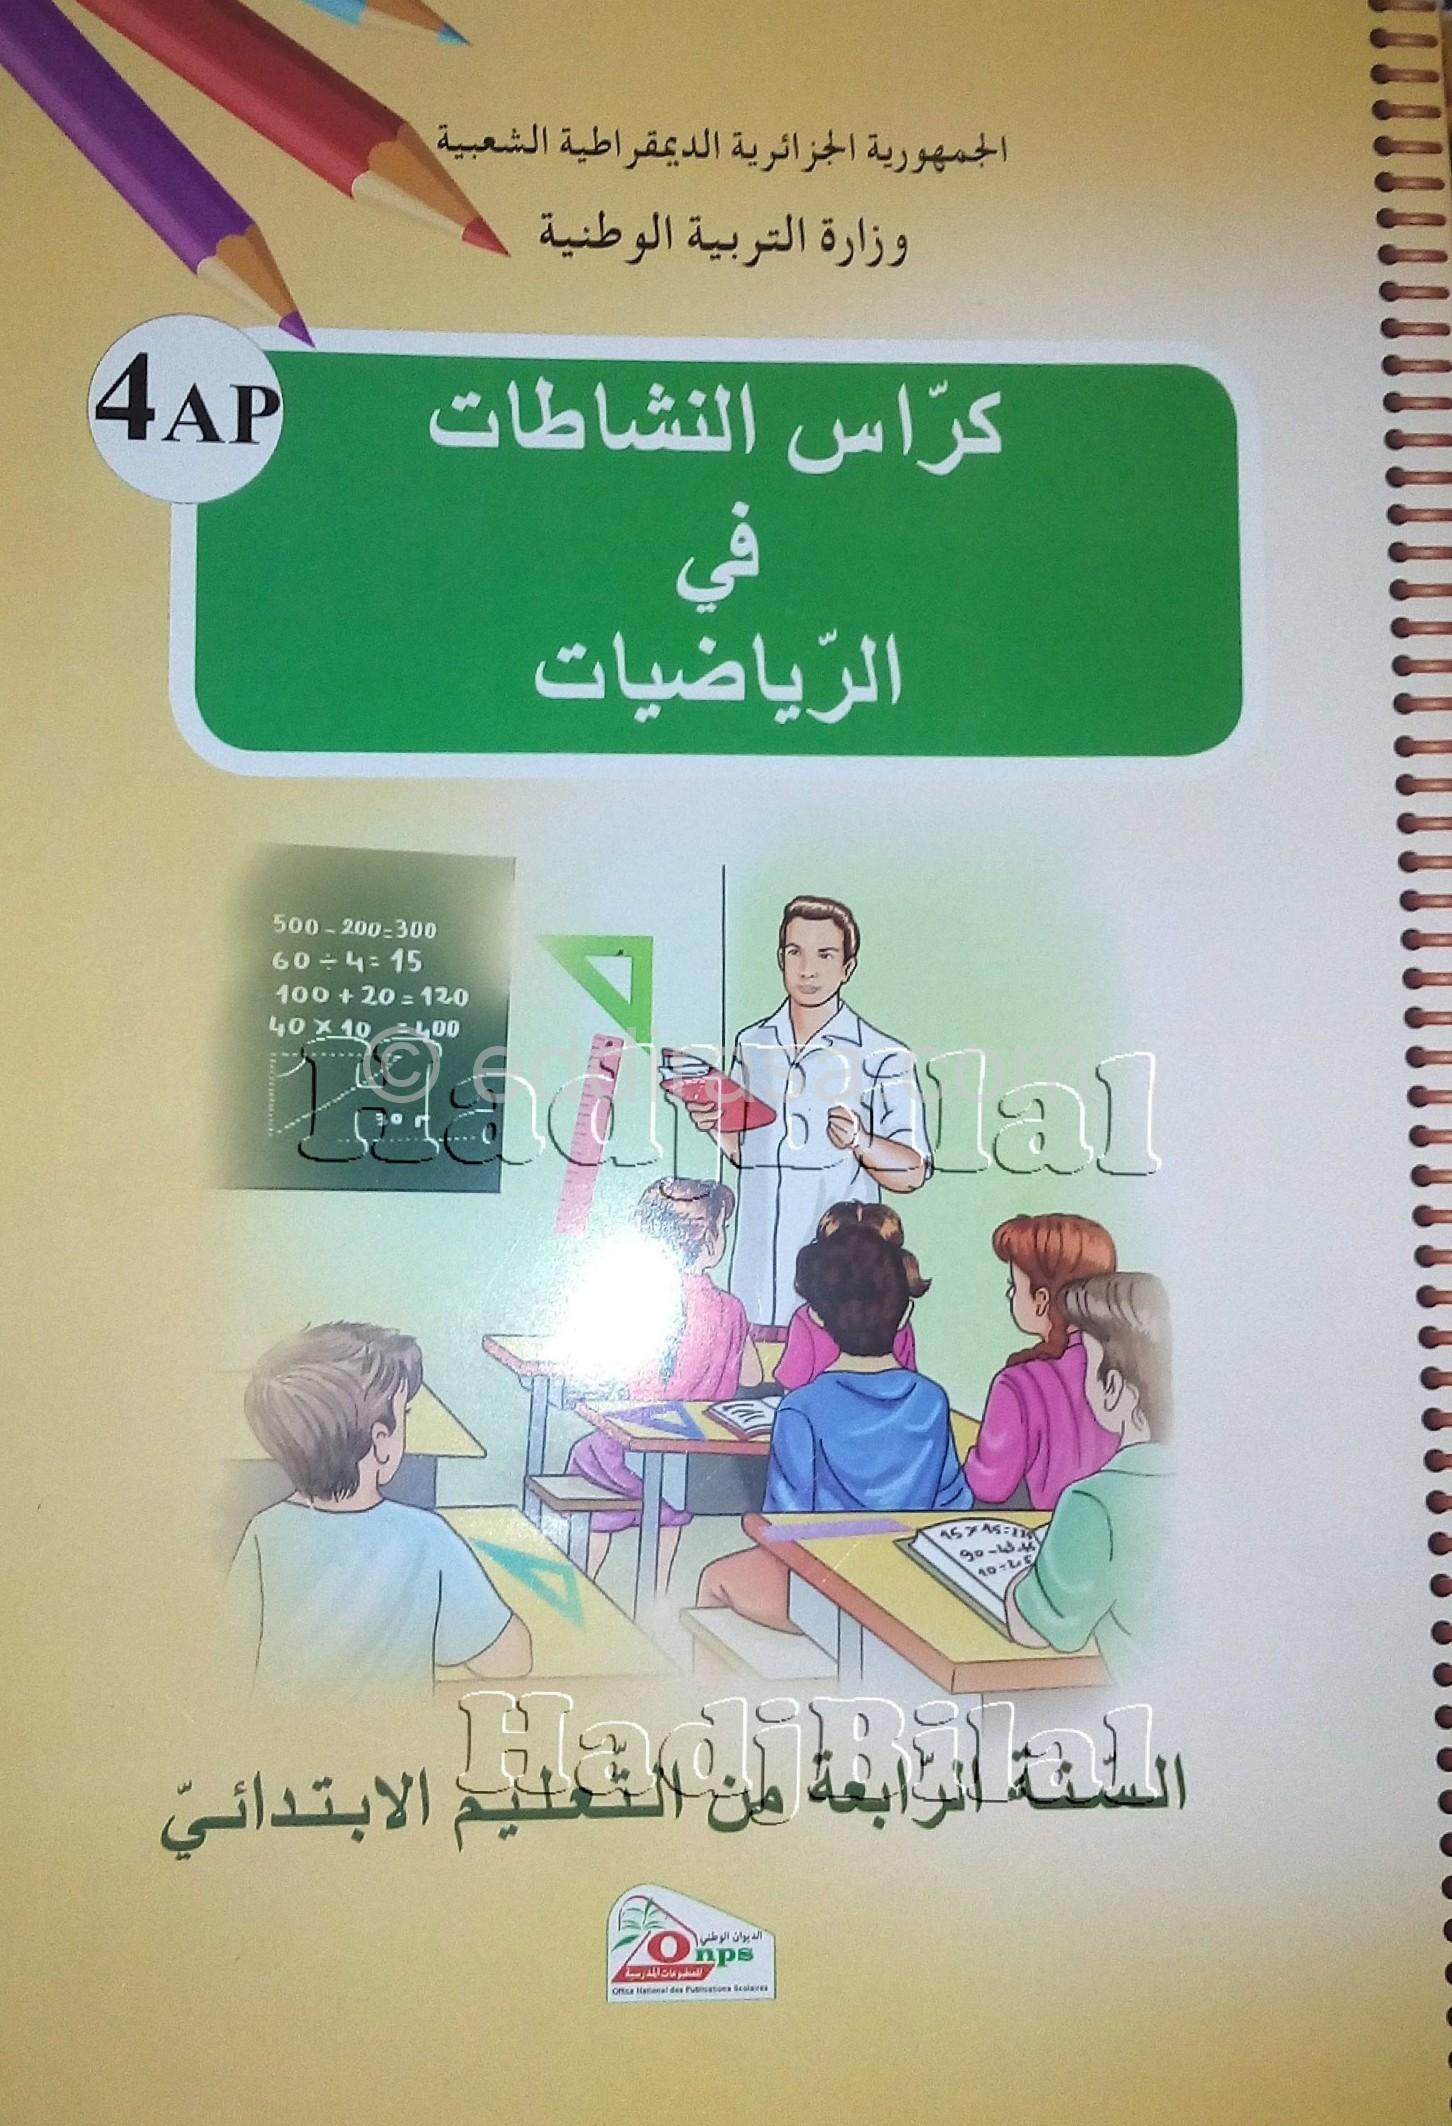 كتاب أنشطة الرياضيات للسنة الرابعة إبتدائي الجيل الثاني | موقع الدراسة  الجزائري